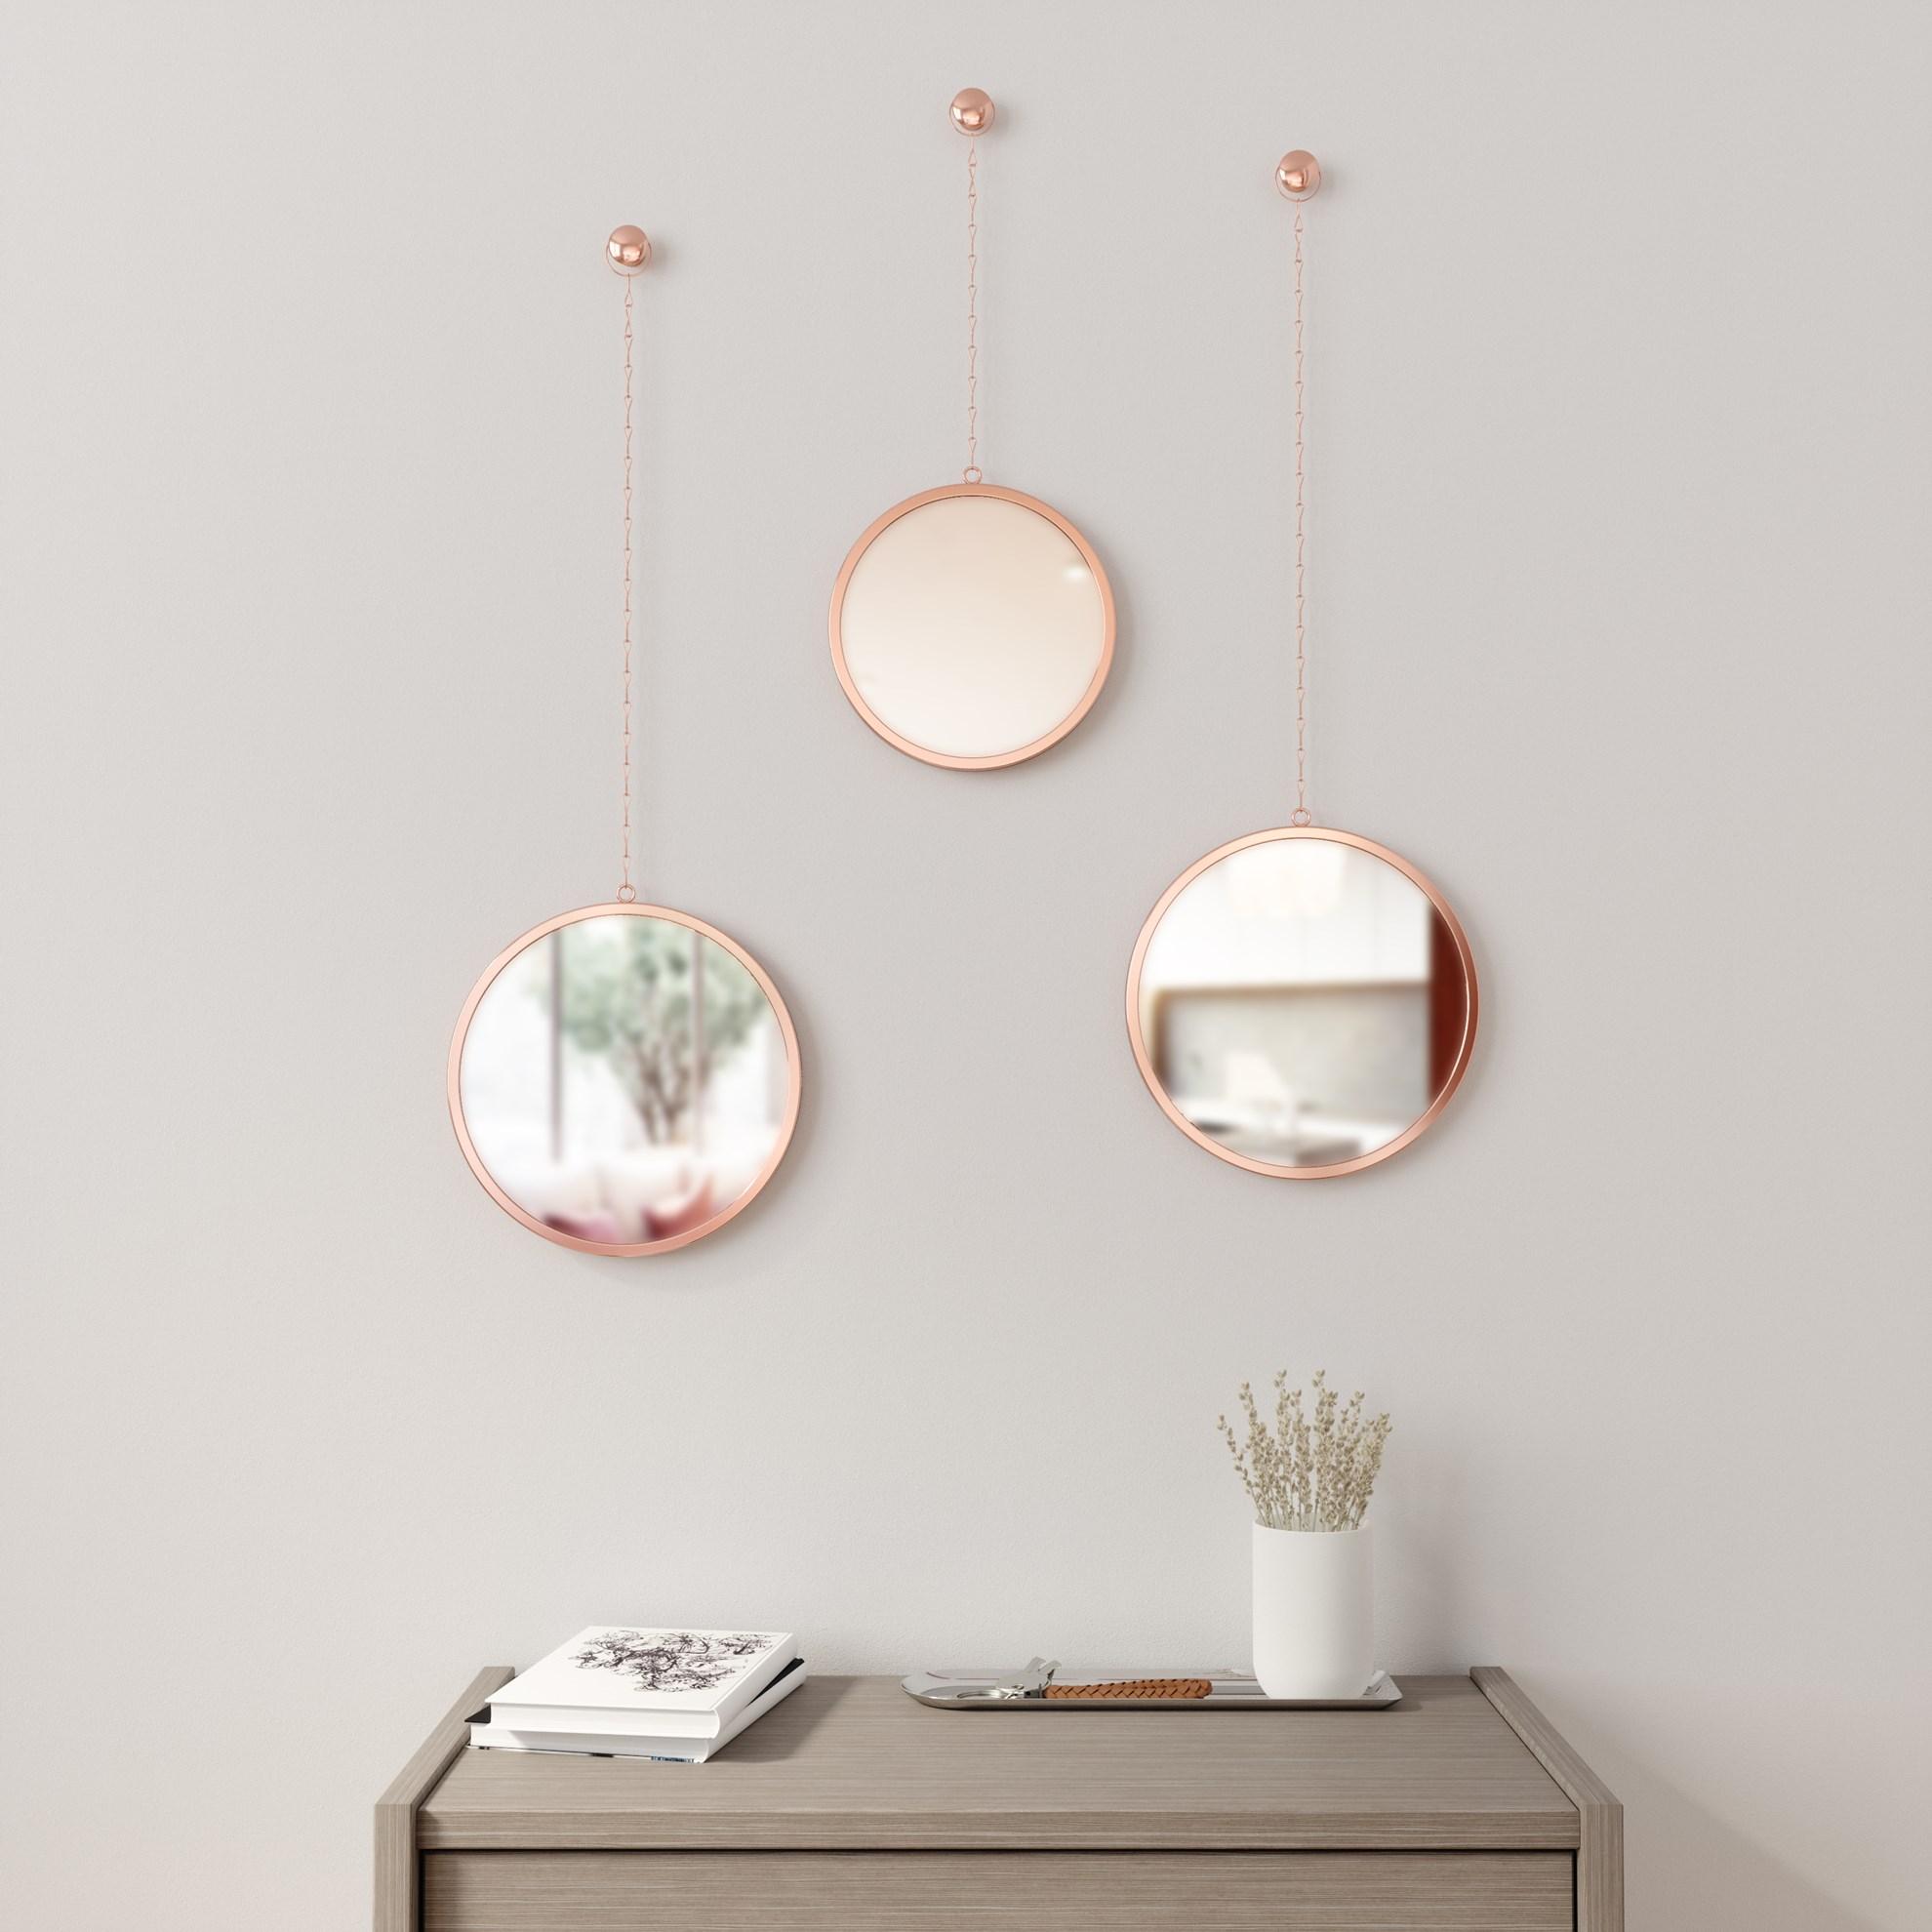 Zrcadlo DIMA set/3ks měděné_1